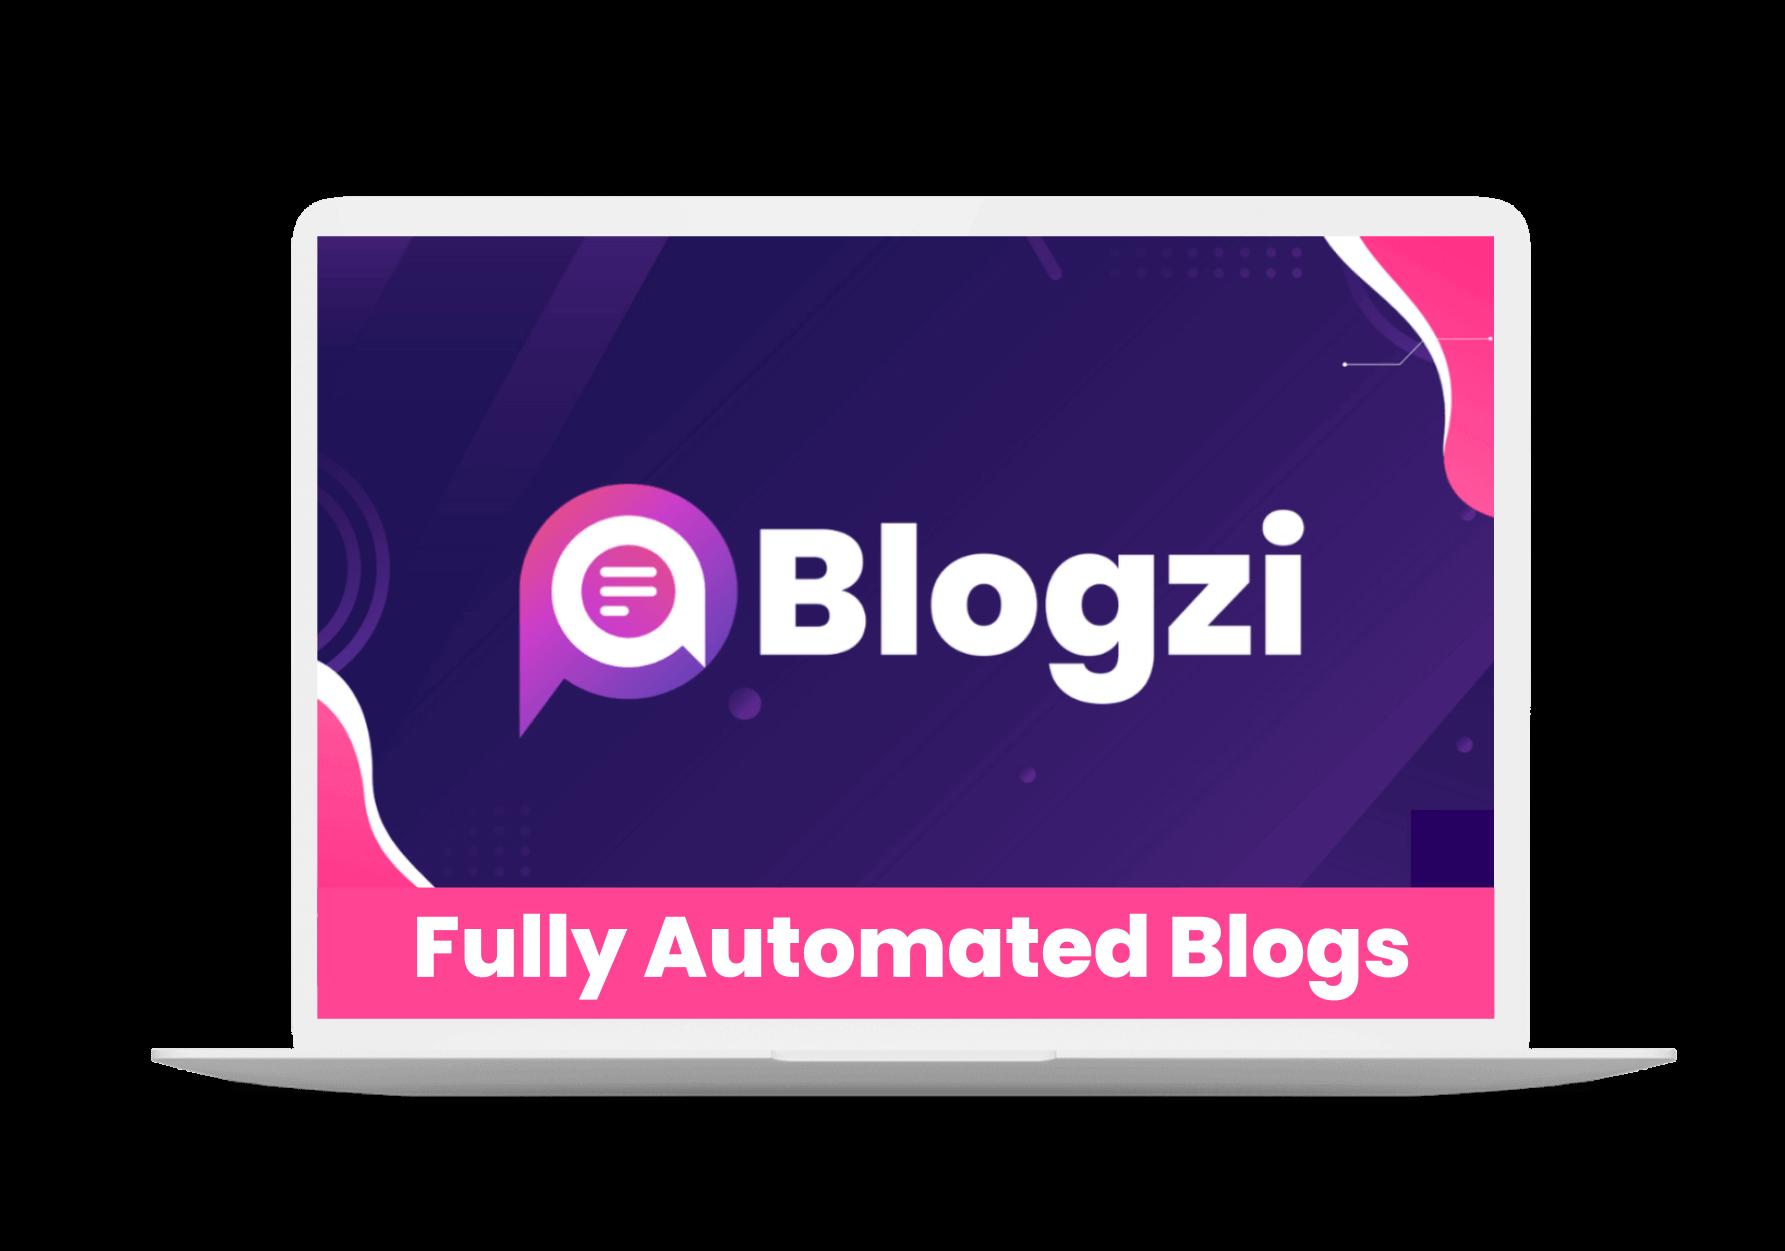 Blogzi-feature-1